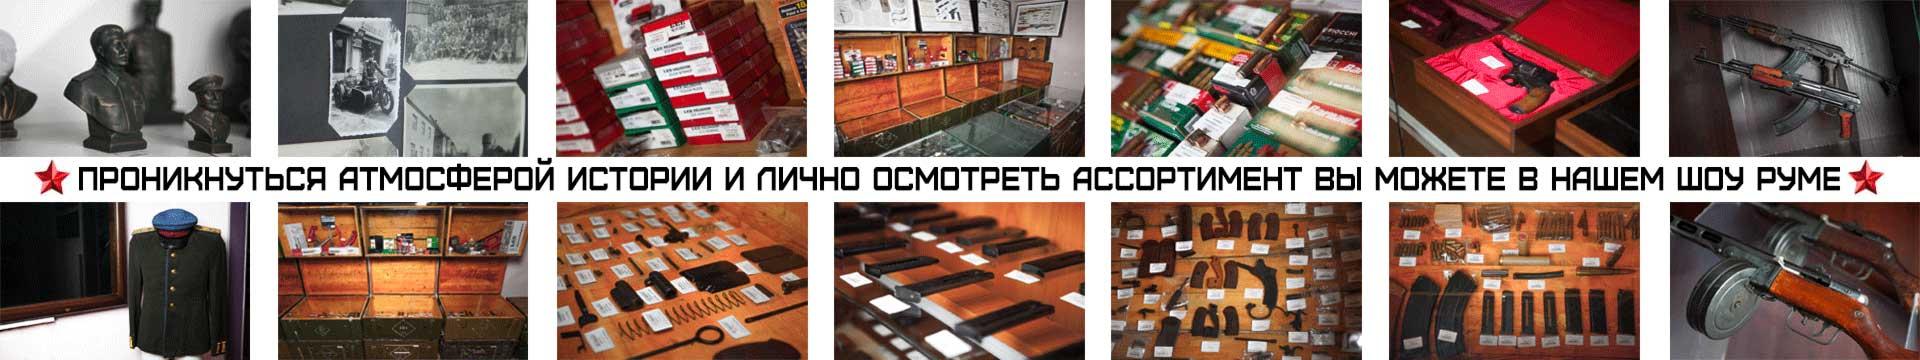 Интернет-магазин военного антиквариата